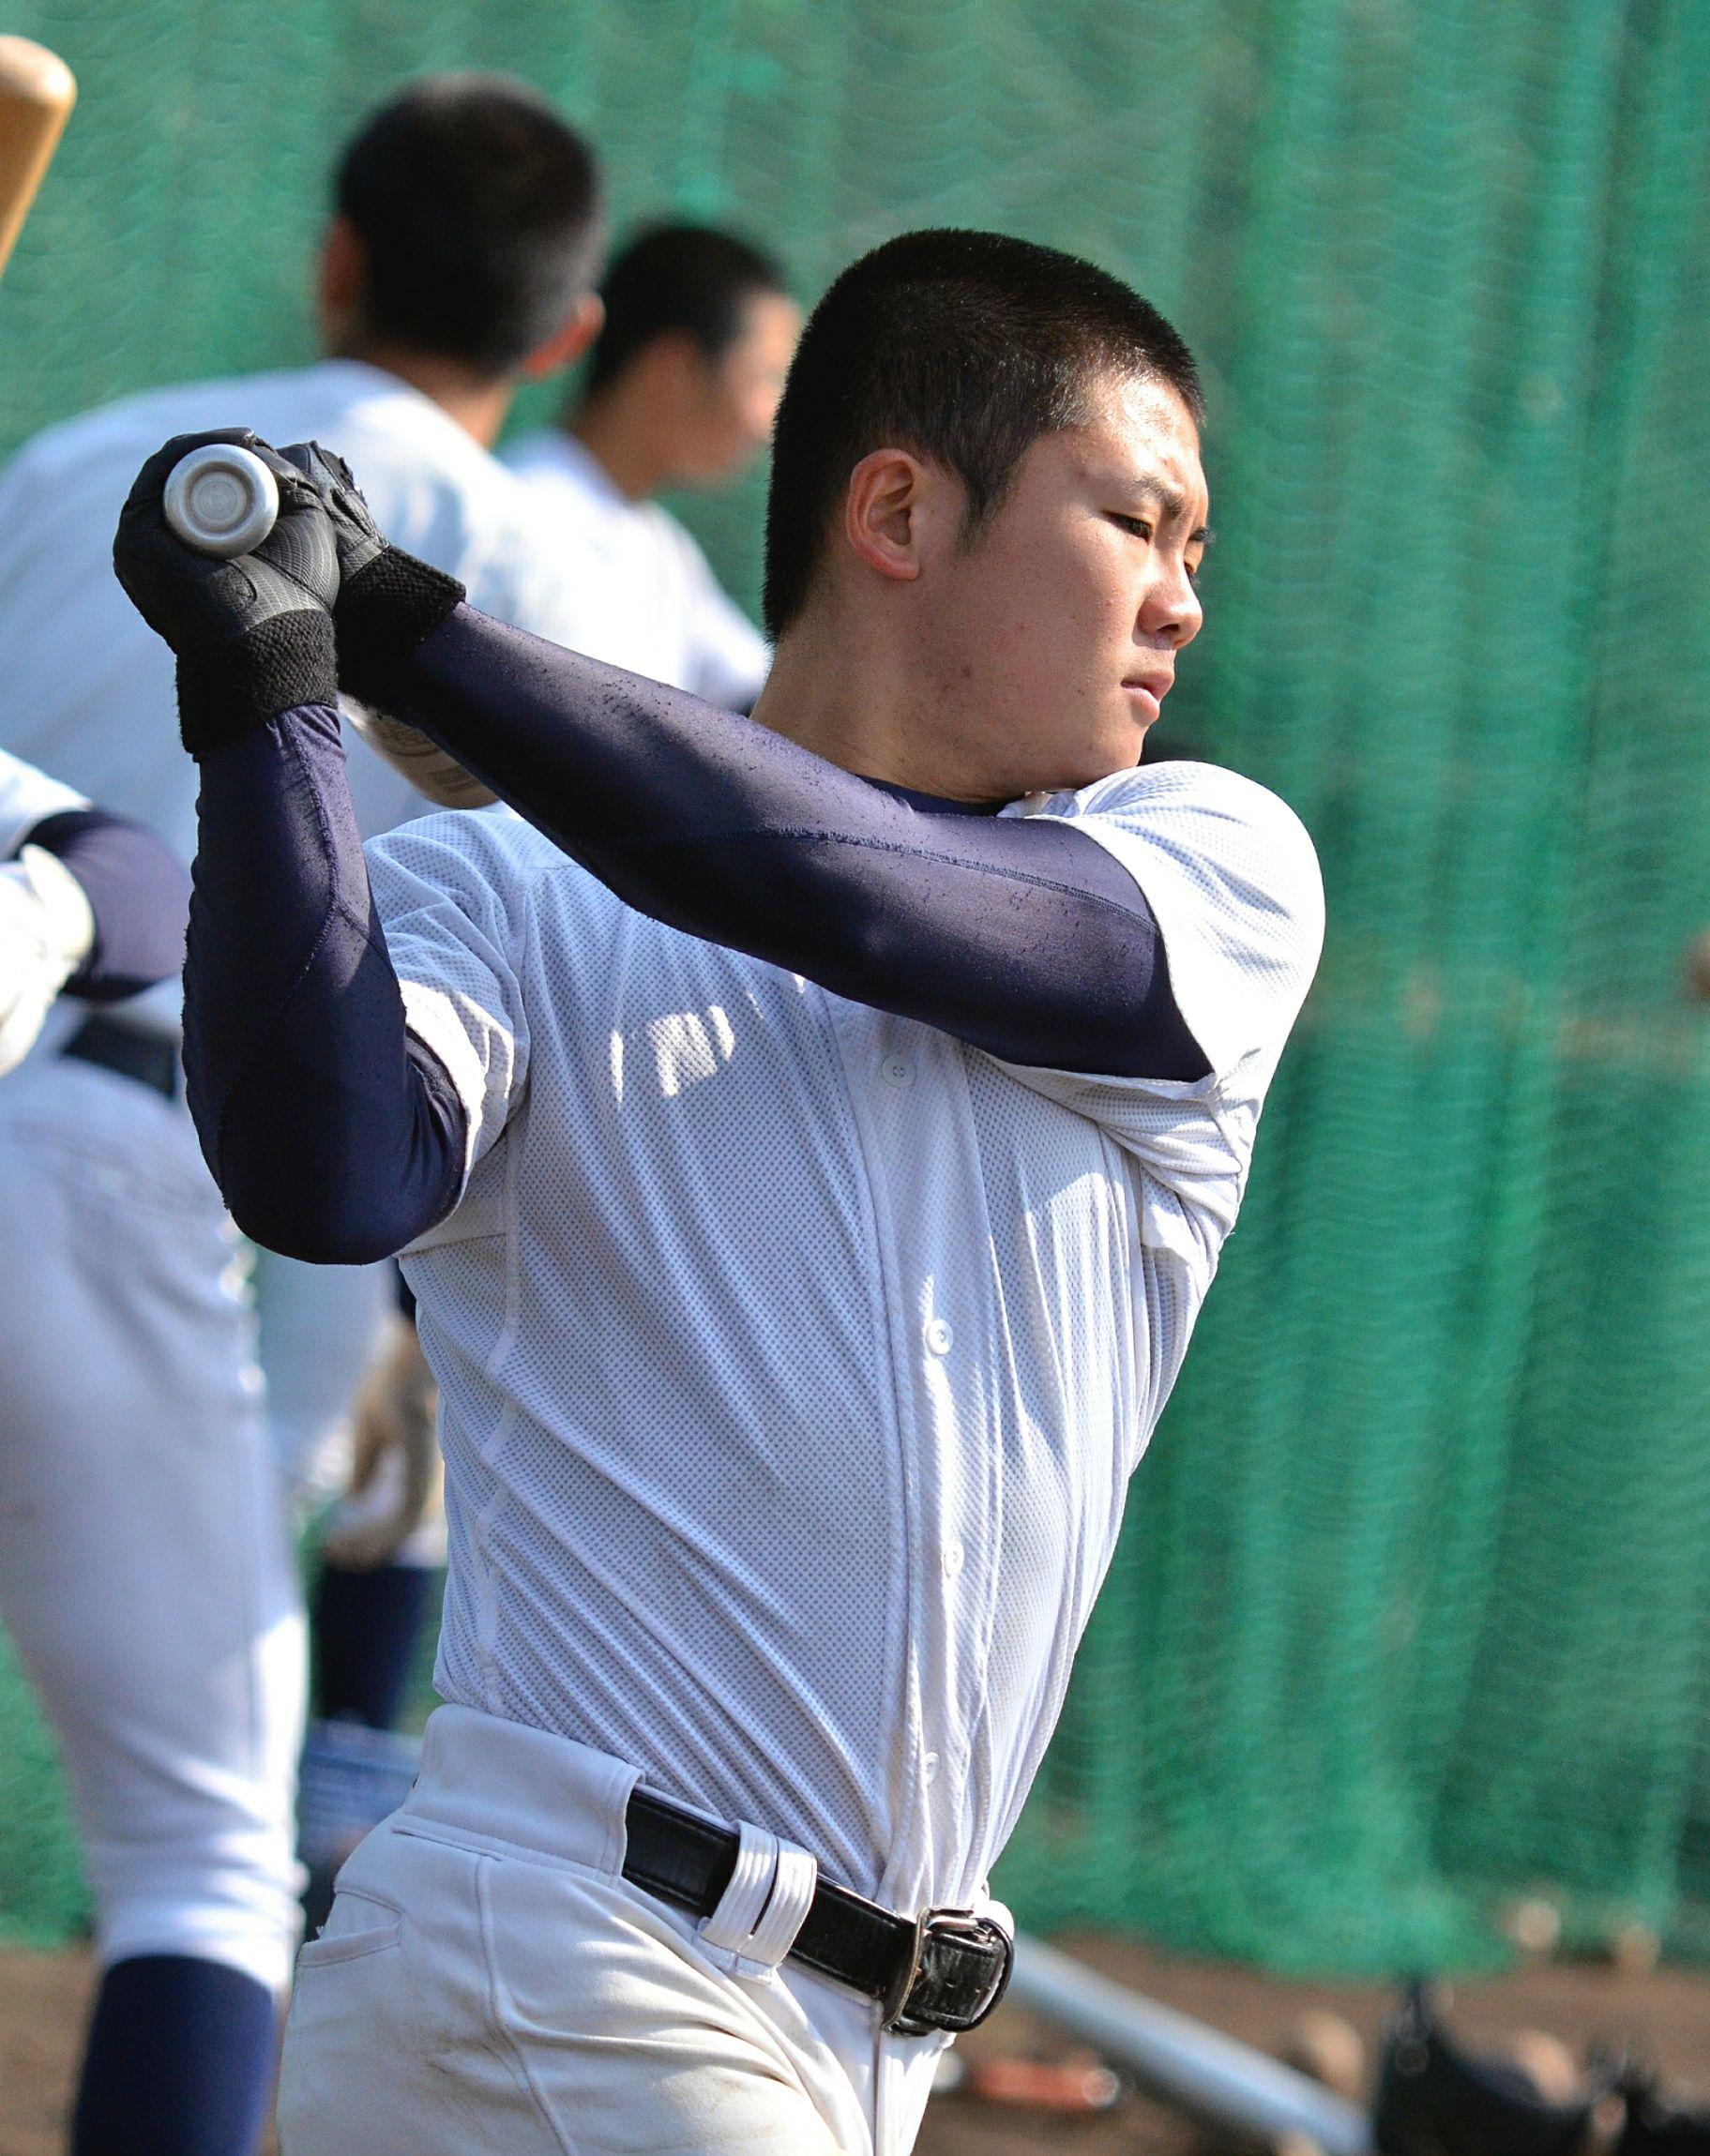 関西高校 硬式野球部 二刀流選手